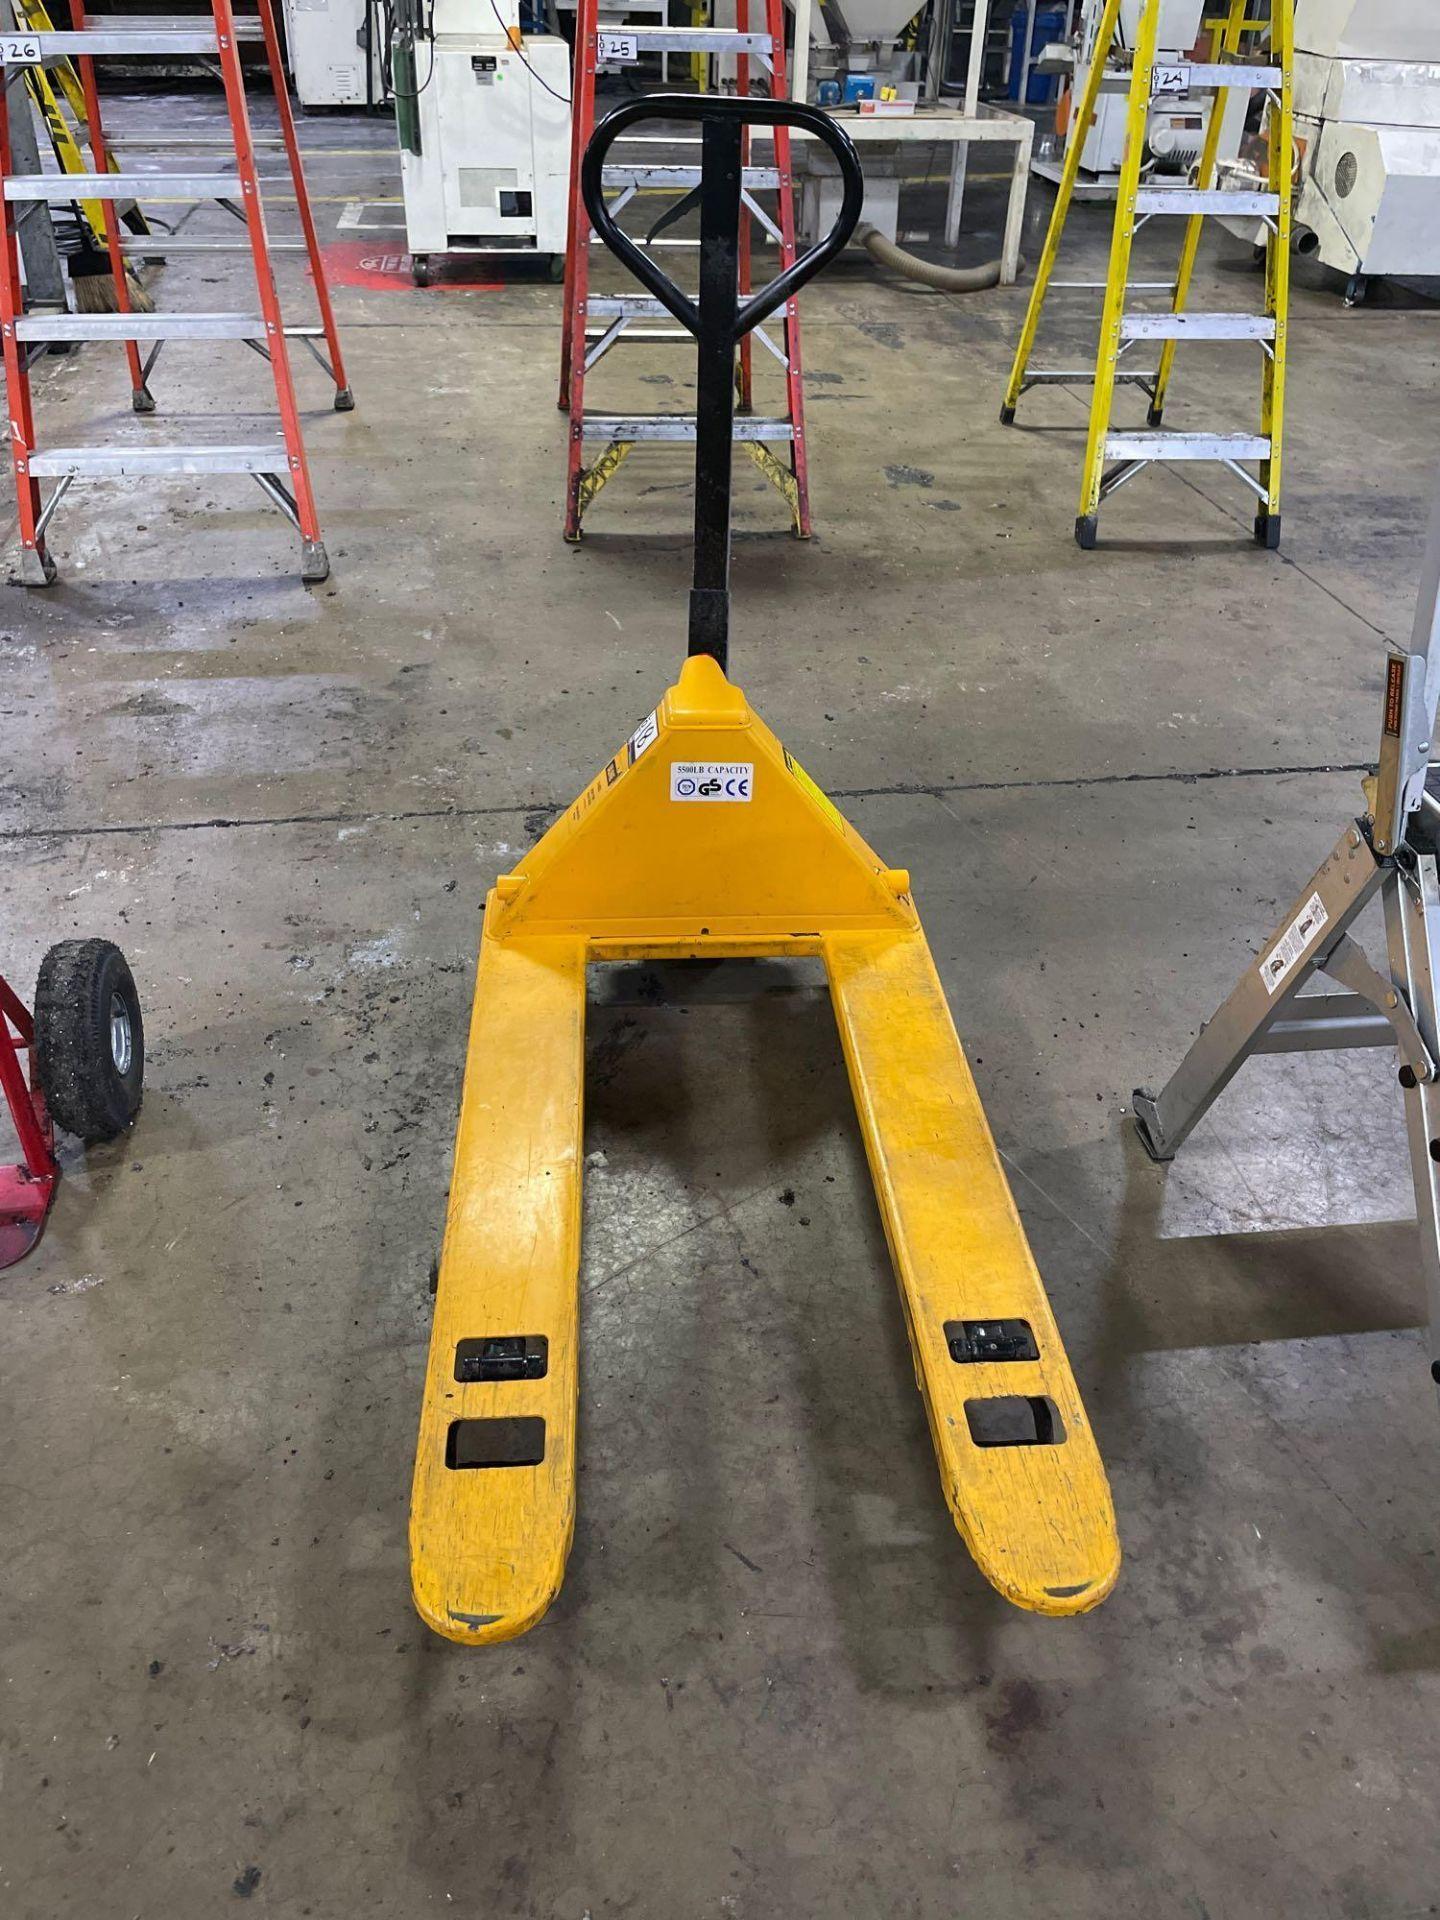 Uline Short Fork Pallet Jack, M/N- H-4803, S/N- 187800, 5,500lb Max Capacity, 42in Forks